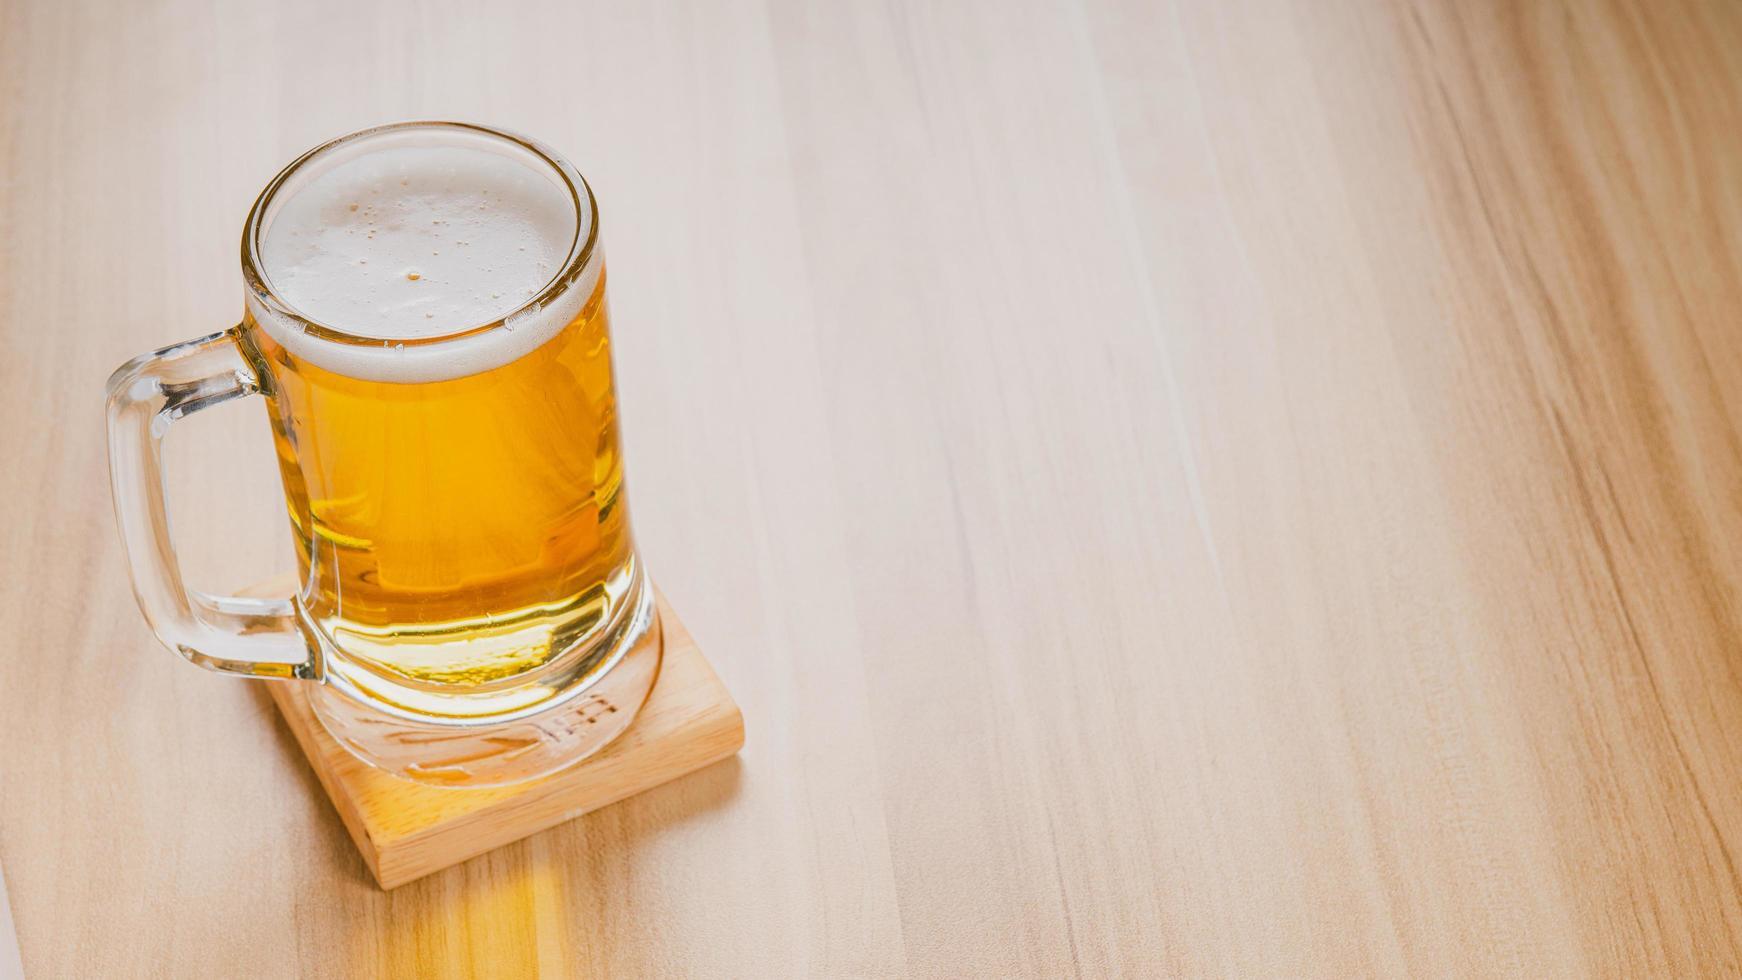 verres de bière légère, bière artisanale froide dans un verre sur table en bois photo